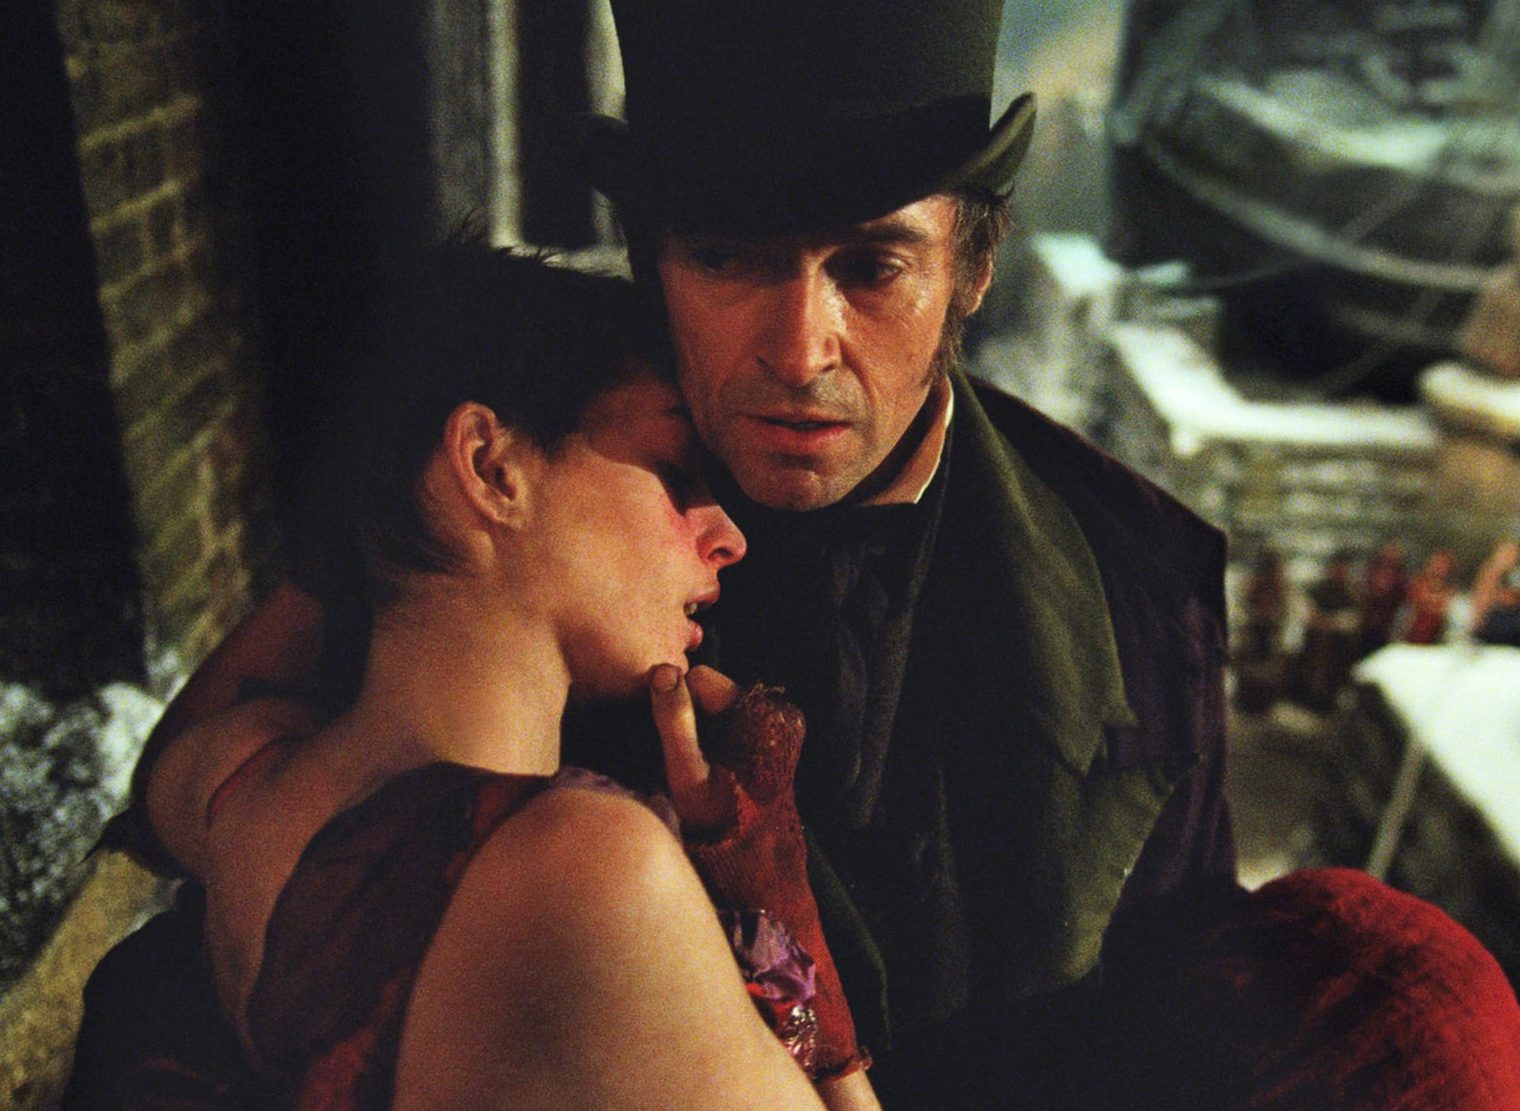 Anne Hathaway Hugh Jackman Les Misérables e1625743692780 25 Things You Didn't Know About Les Misérables (2012)